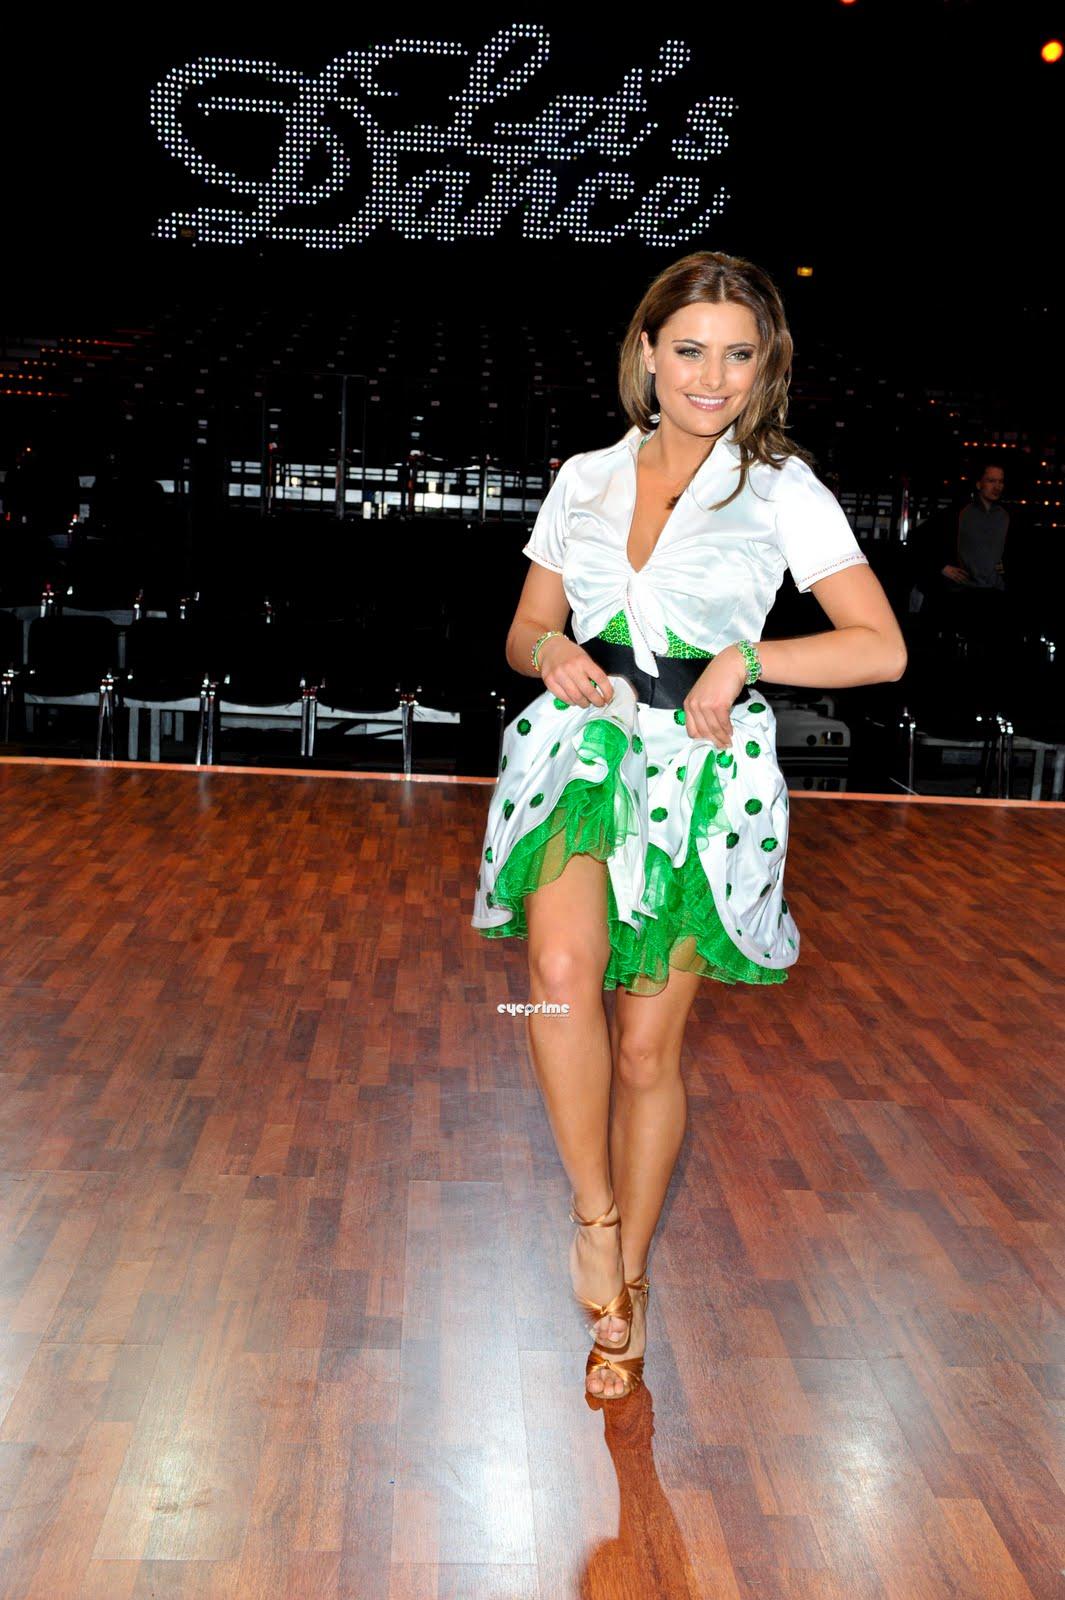 http://2.bp.blogspot.com/_6A8j2EQmANk/S8qarKPhIKI/AAAAAAAACOU/l5kelX7oKbs/s1600/Sophia+Thomalla8.jpg